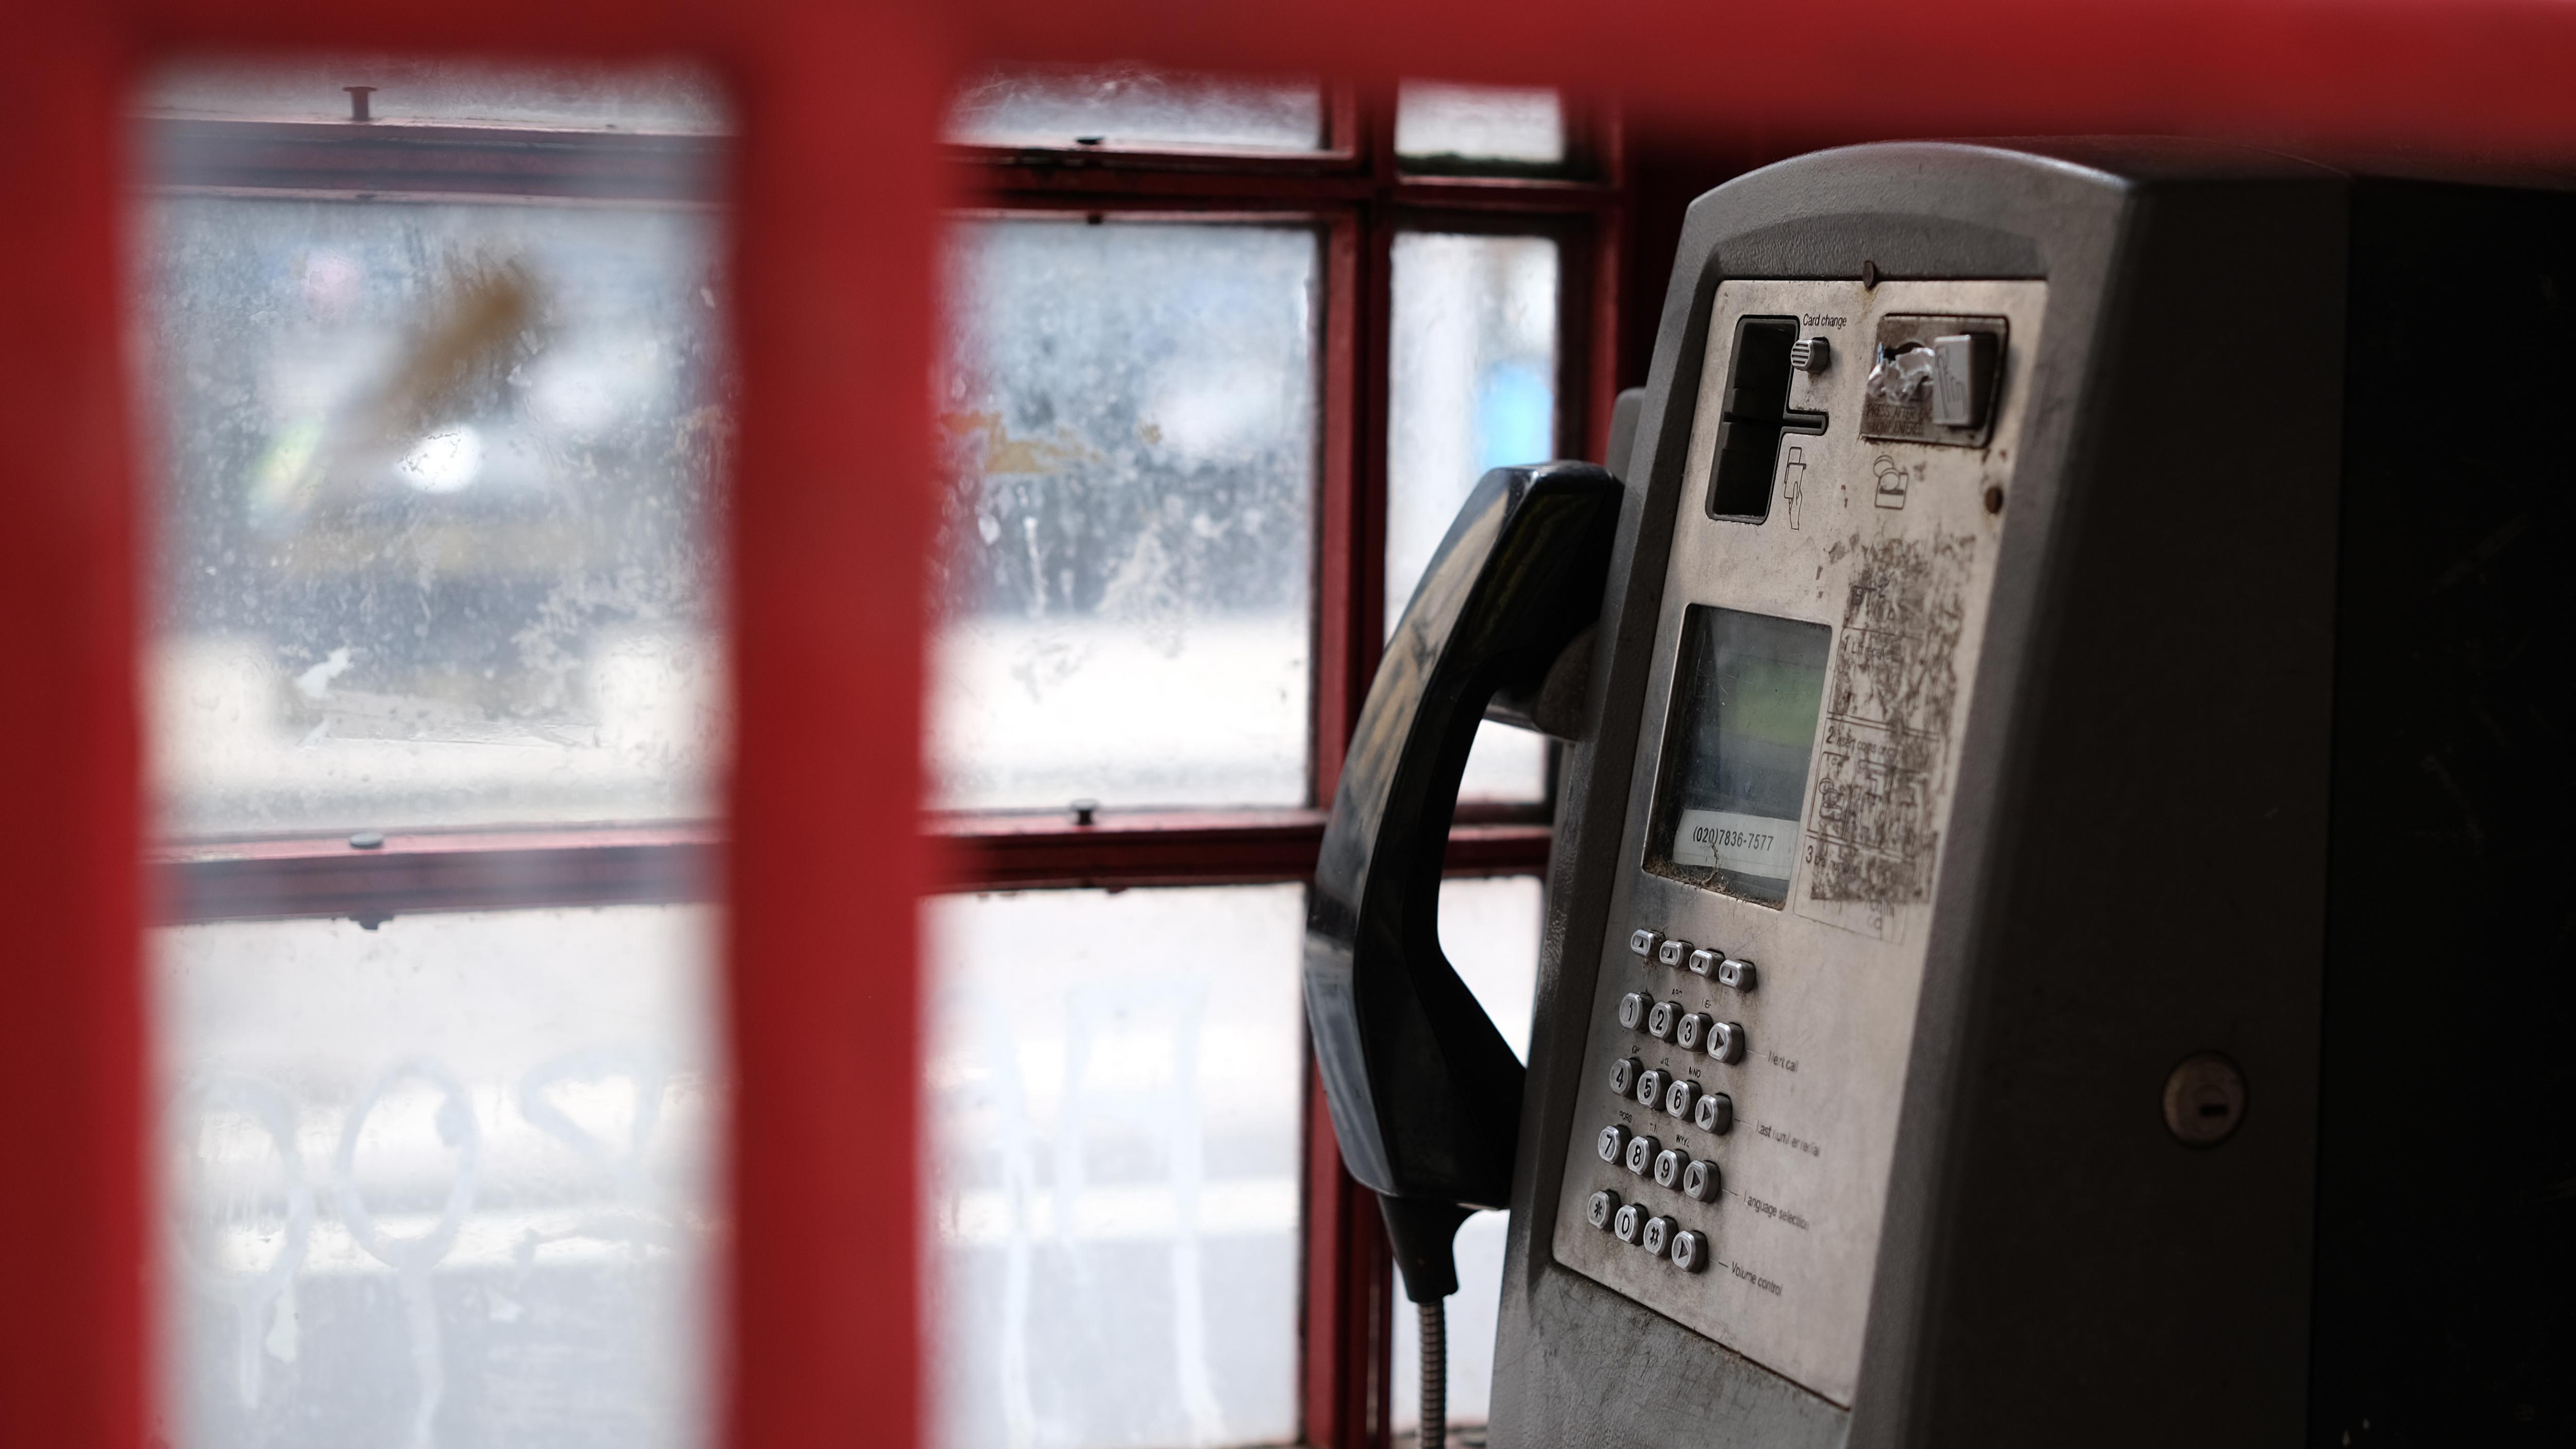 Una cabina telefónica en Trafalgar Square en Londres fotografiada con el objetivo Fujifilm XF33mm f / 1.4